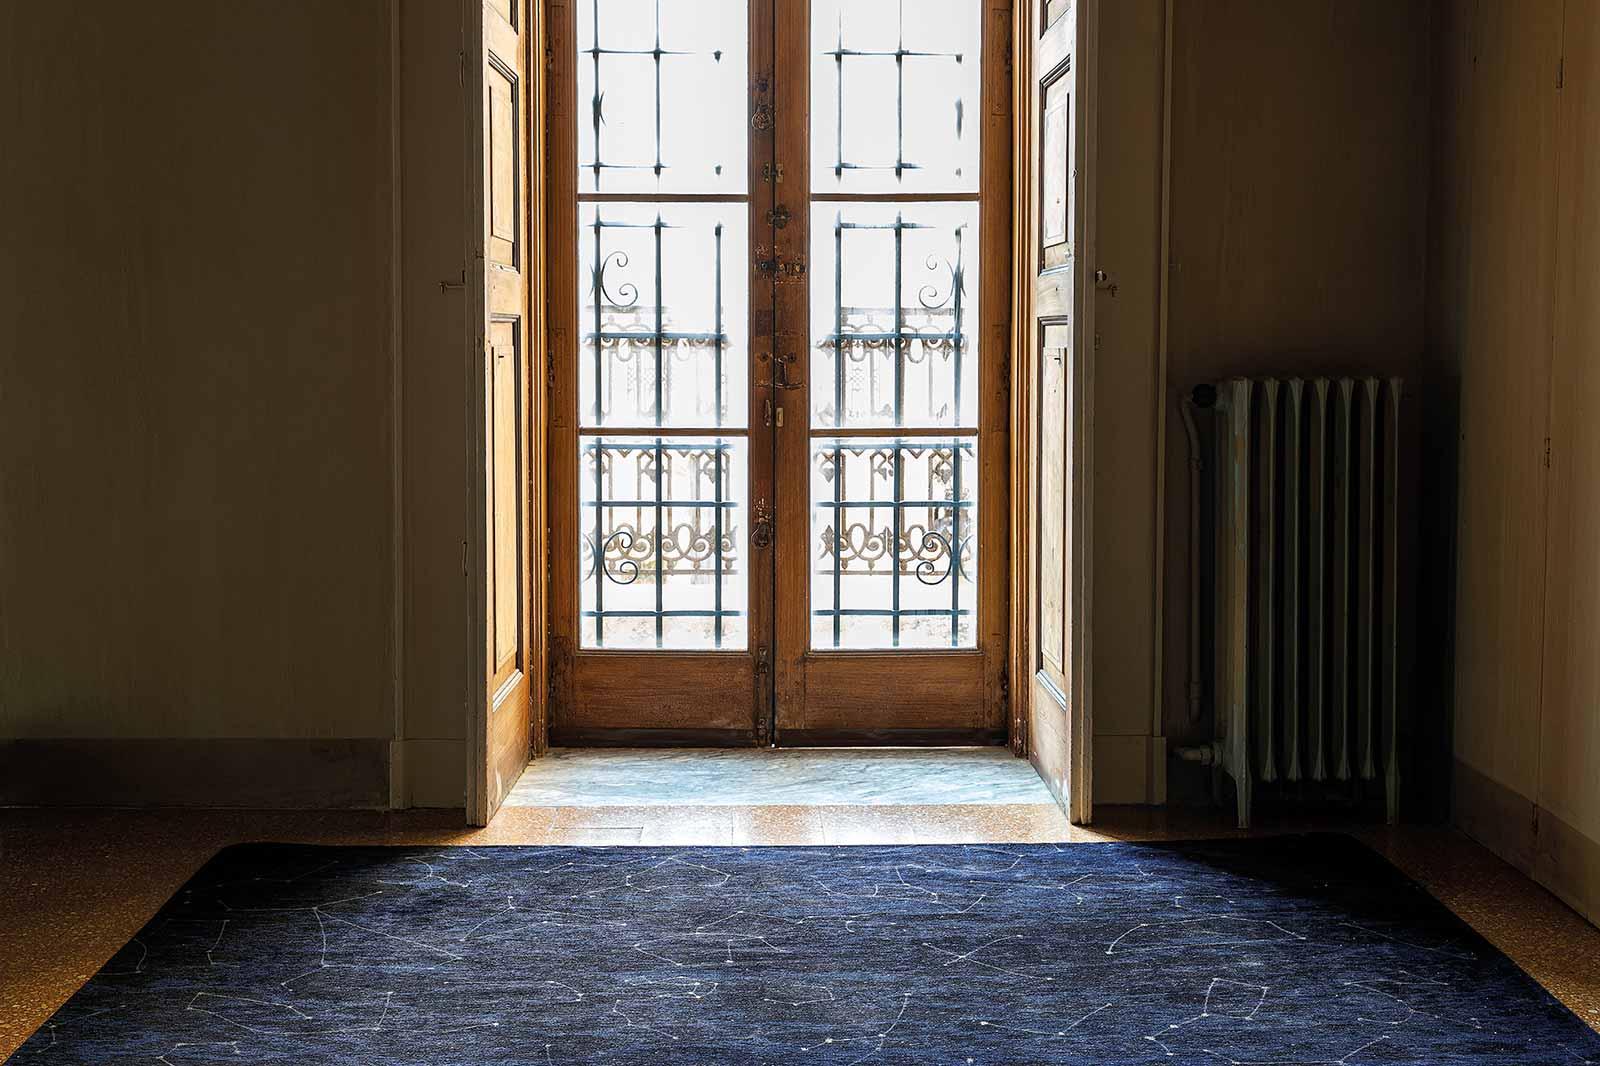 Louis De Poortere vloerkleed Fischbacher Celestial 9060 interior 2